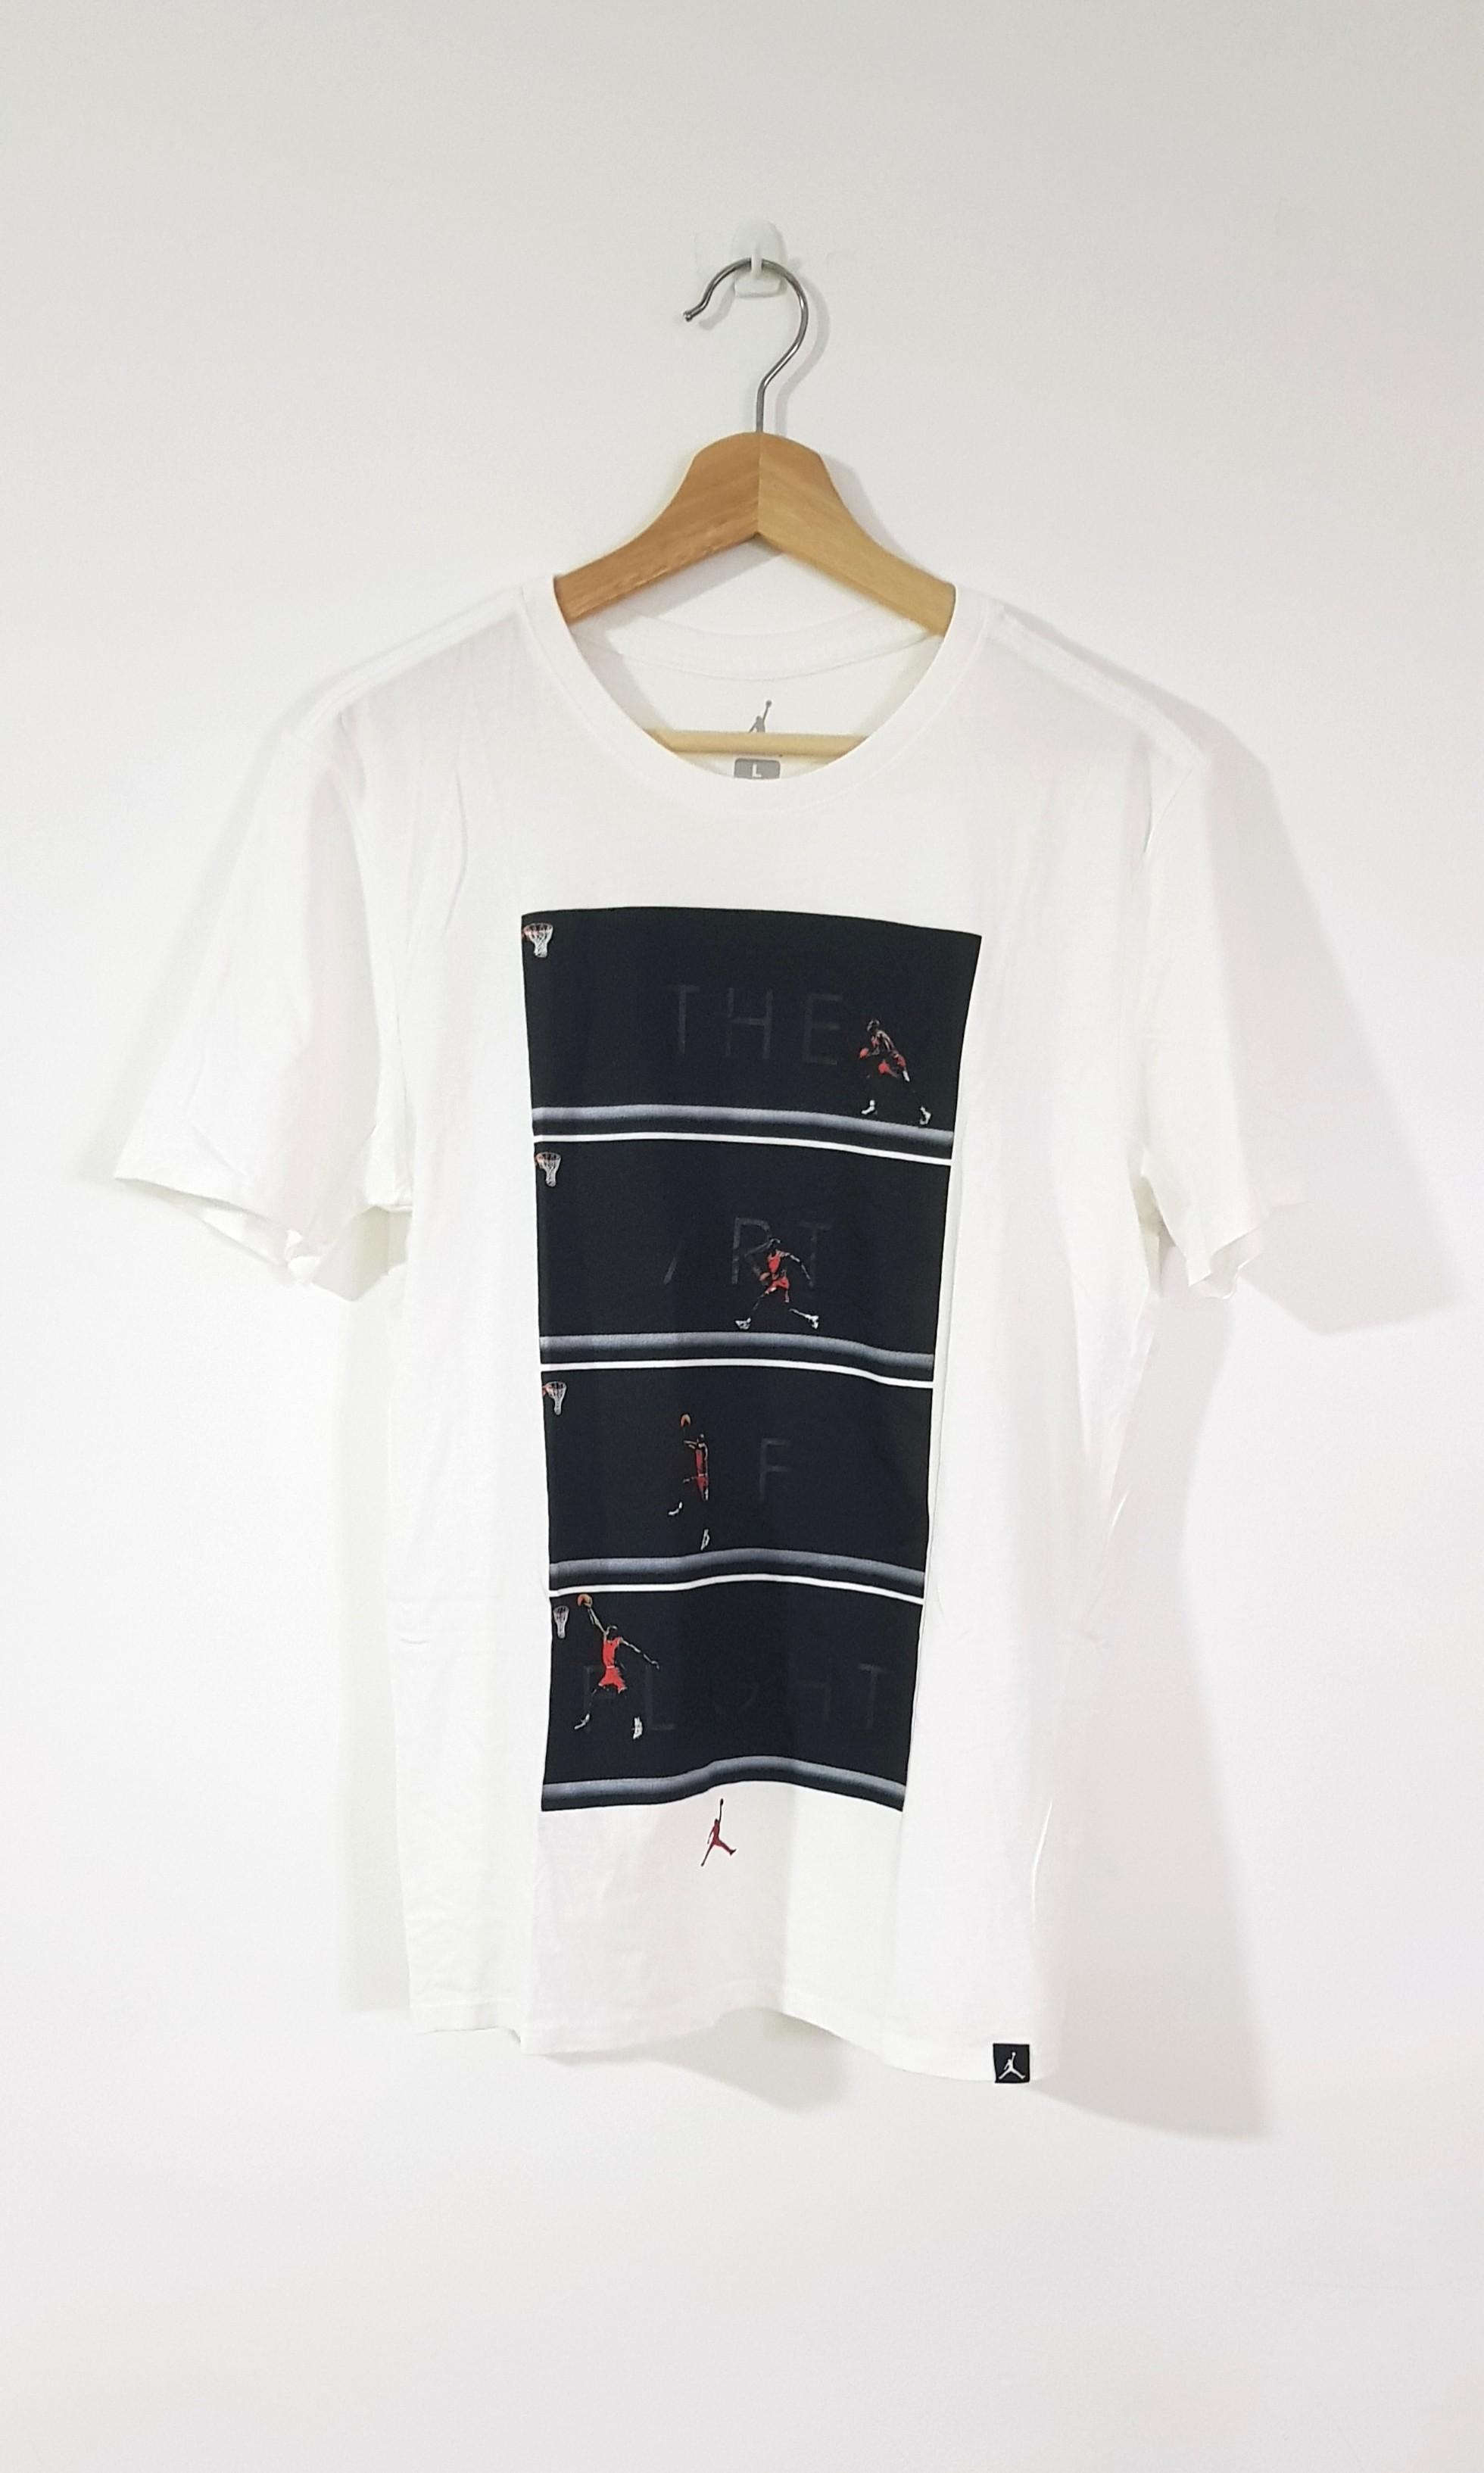 32b5bbc175d3 Vintage Air Jordan Tshirt (micheal Jordan), Men's Fashion, Clothes ...